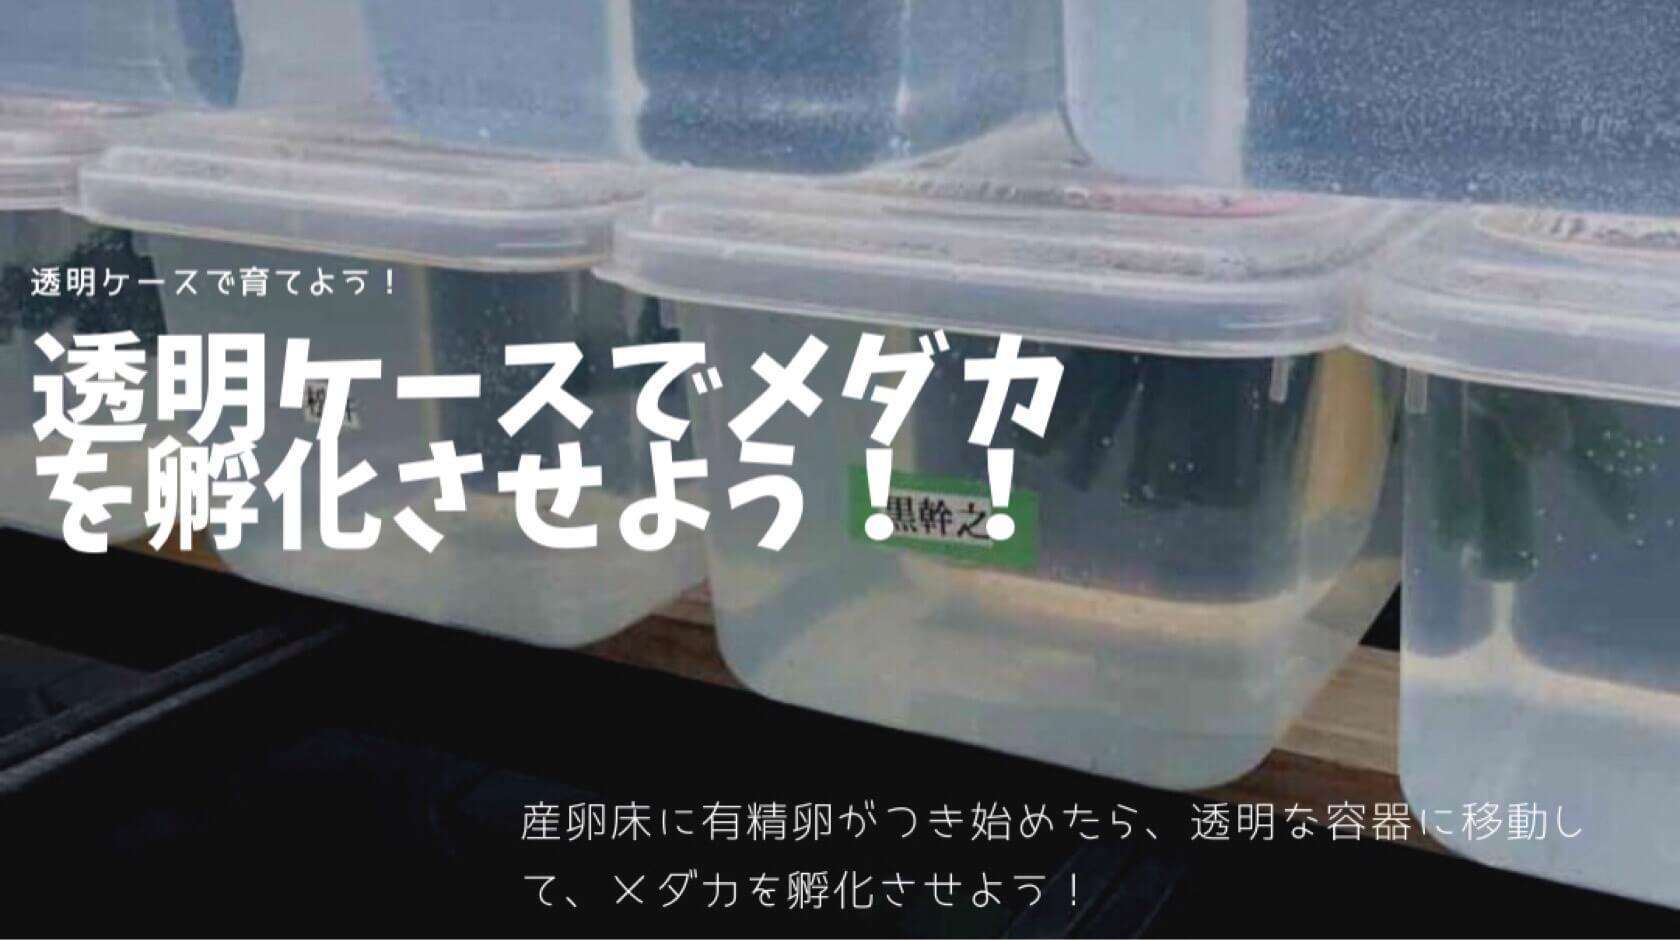 孵化したメダカを透明ケースで管理する